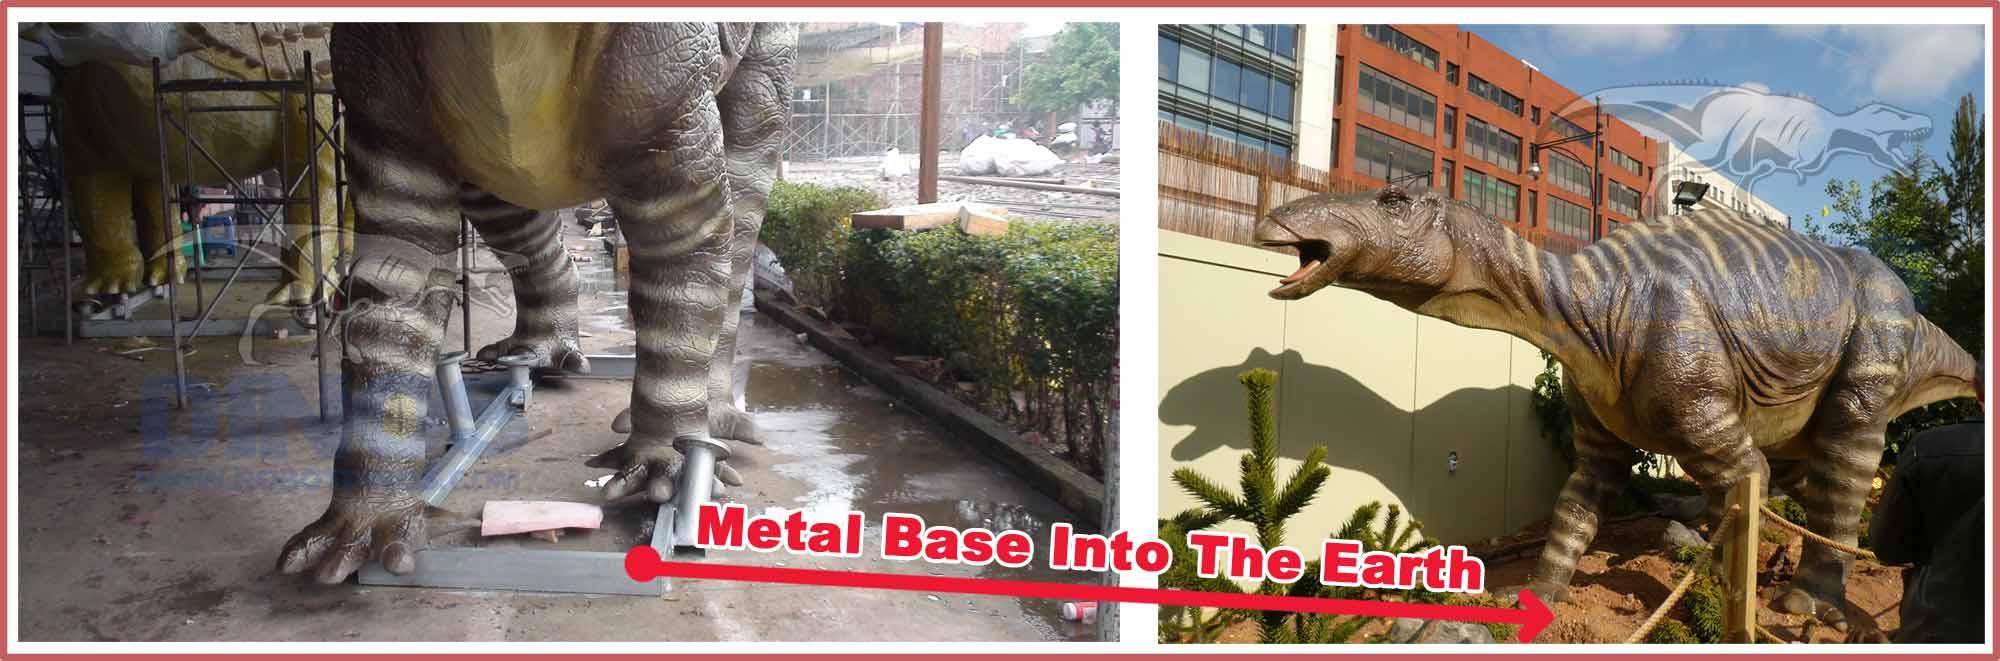 Animatronic Dinosaurs,Artificial Dinosaurs,Dinosaur Costumes